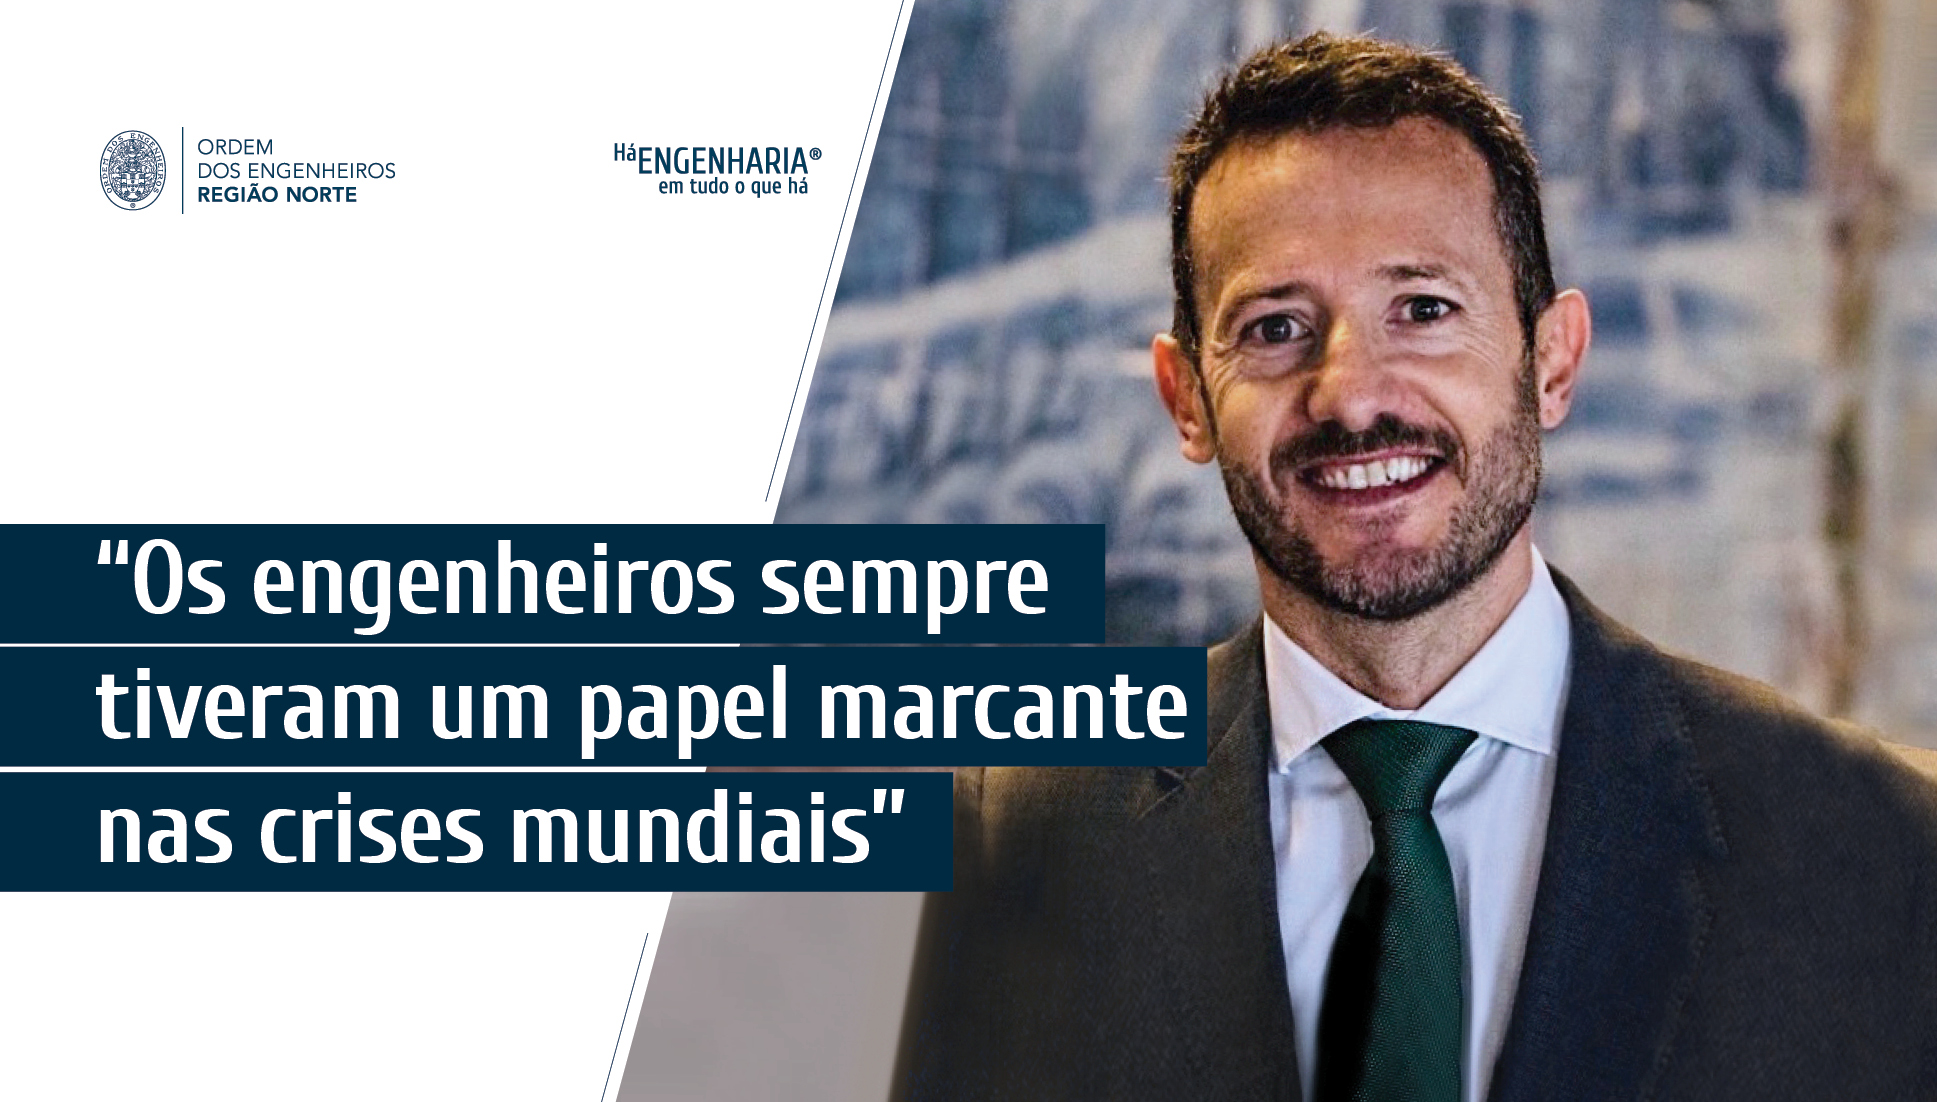 Plataforma Notícias Ordem Engenheiros Região Norte - Entrevista: Pedro Arezes, Presidente da Escola de Engenharia da Universidade do Minho